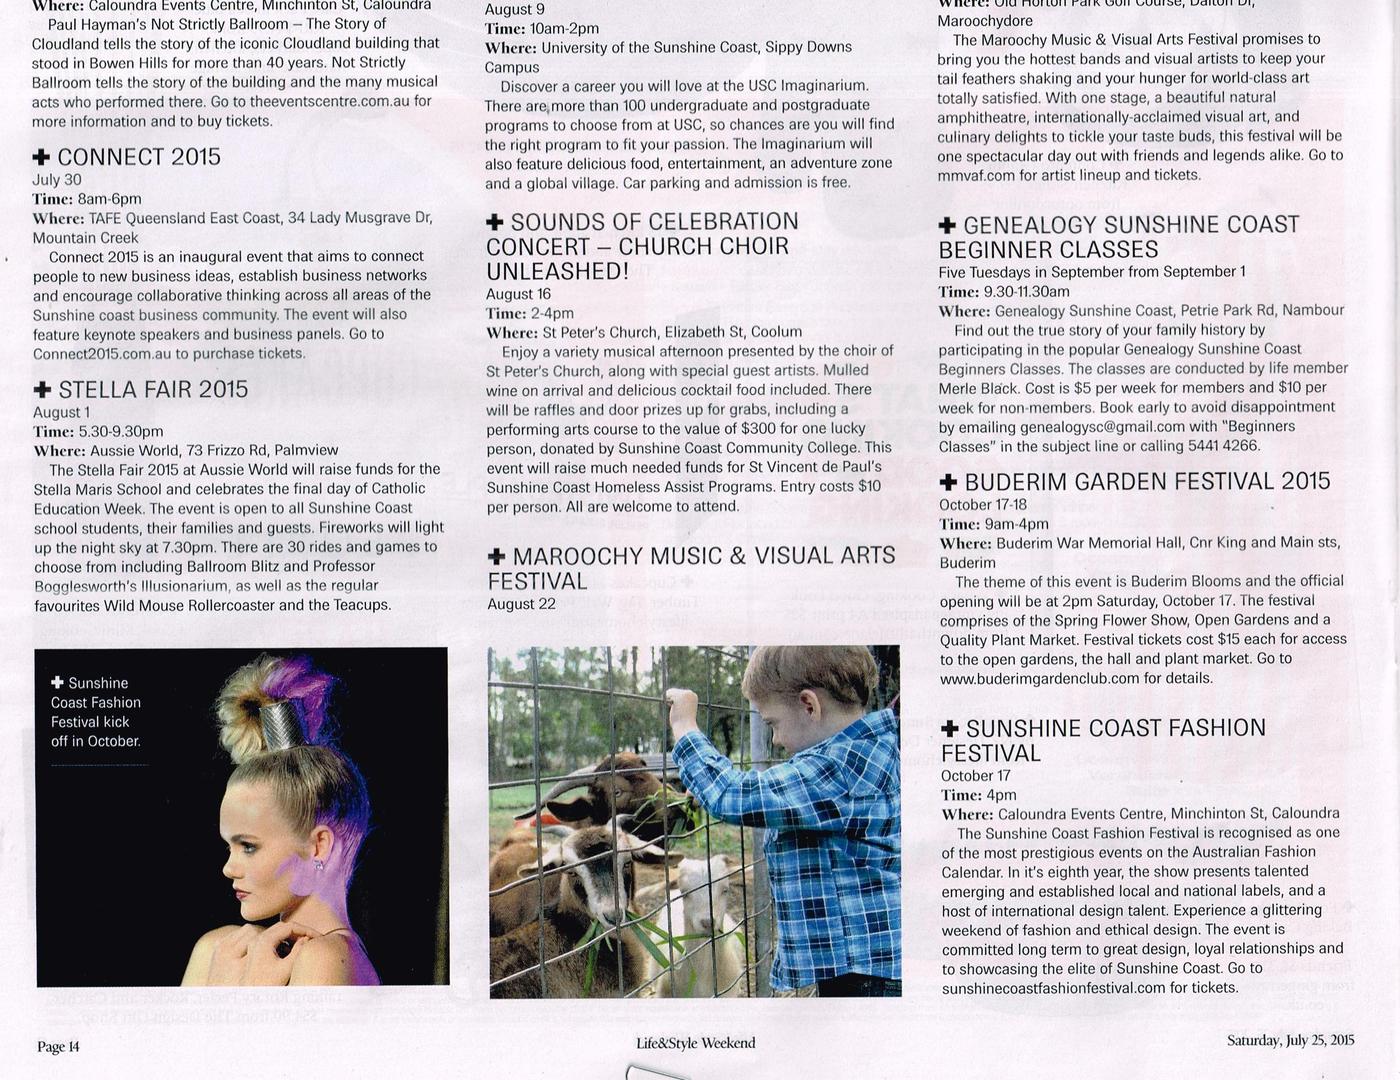 sunshine coast fashion festival media 2014 print media